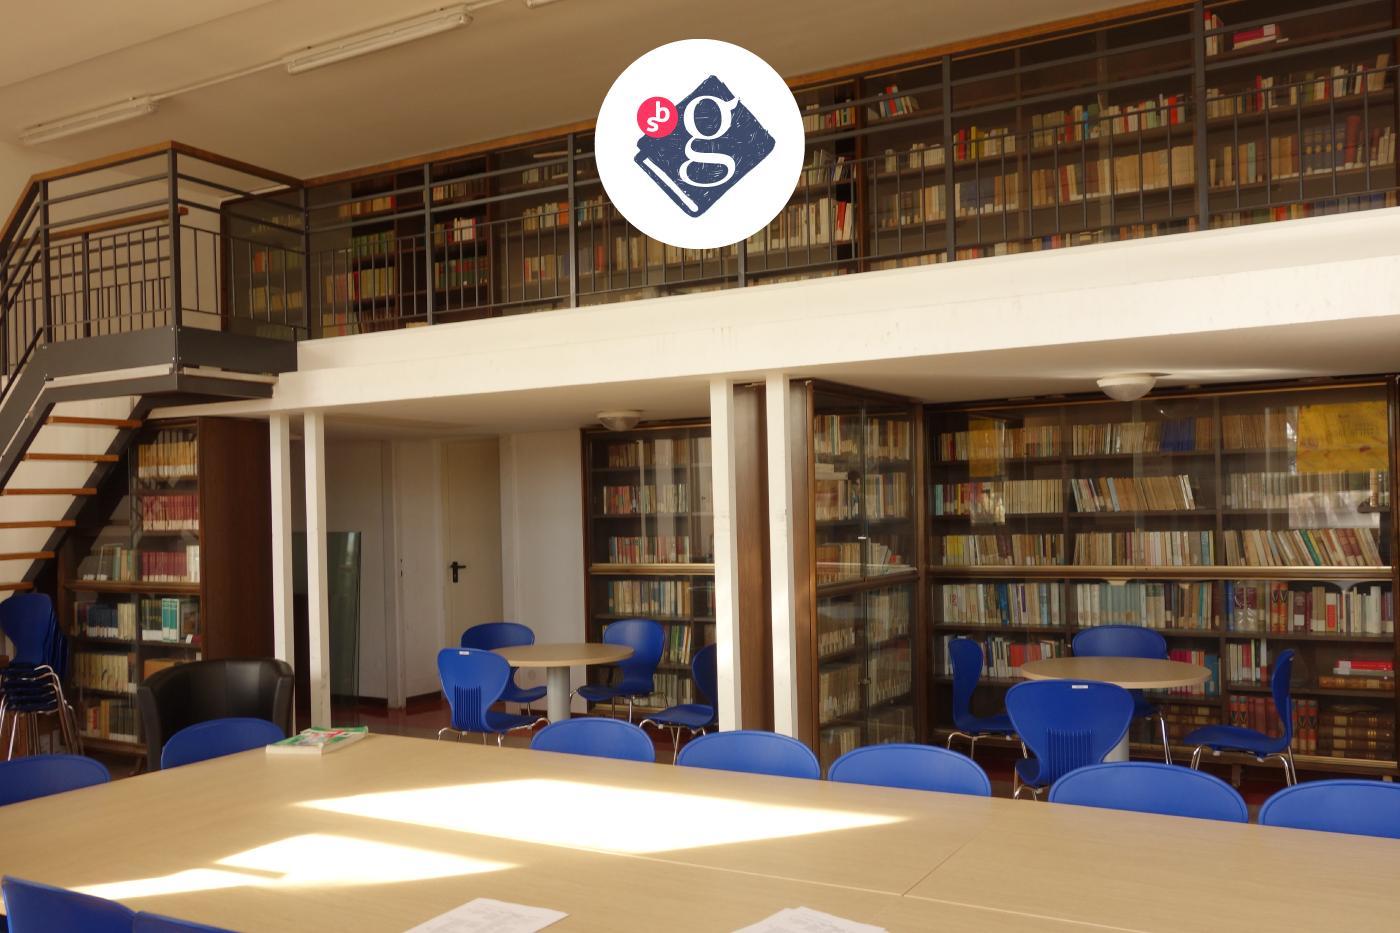 Biblioteca Claudio Viola - Liceo scientifico Guglielmo Oberdan